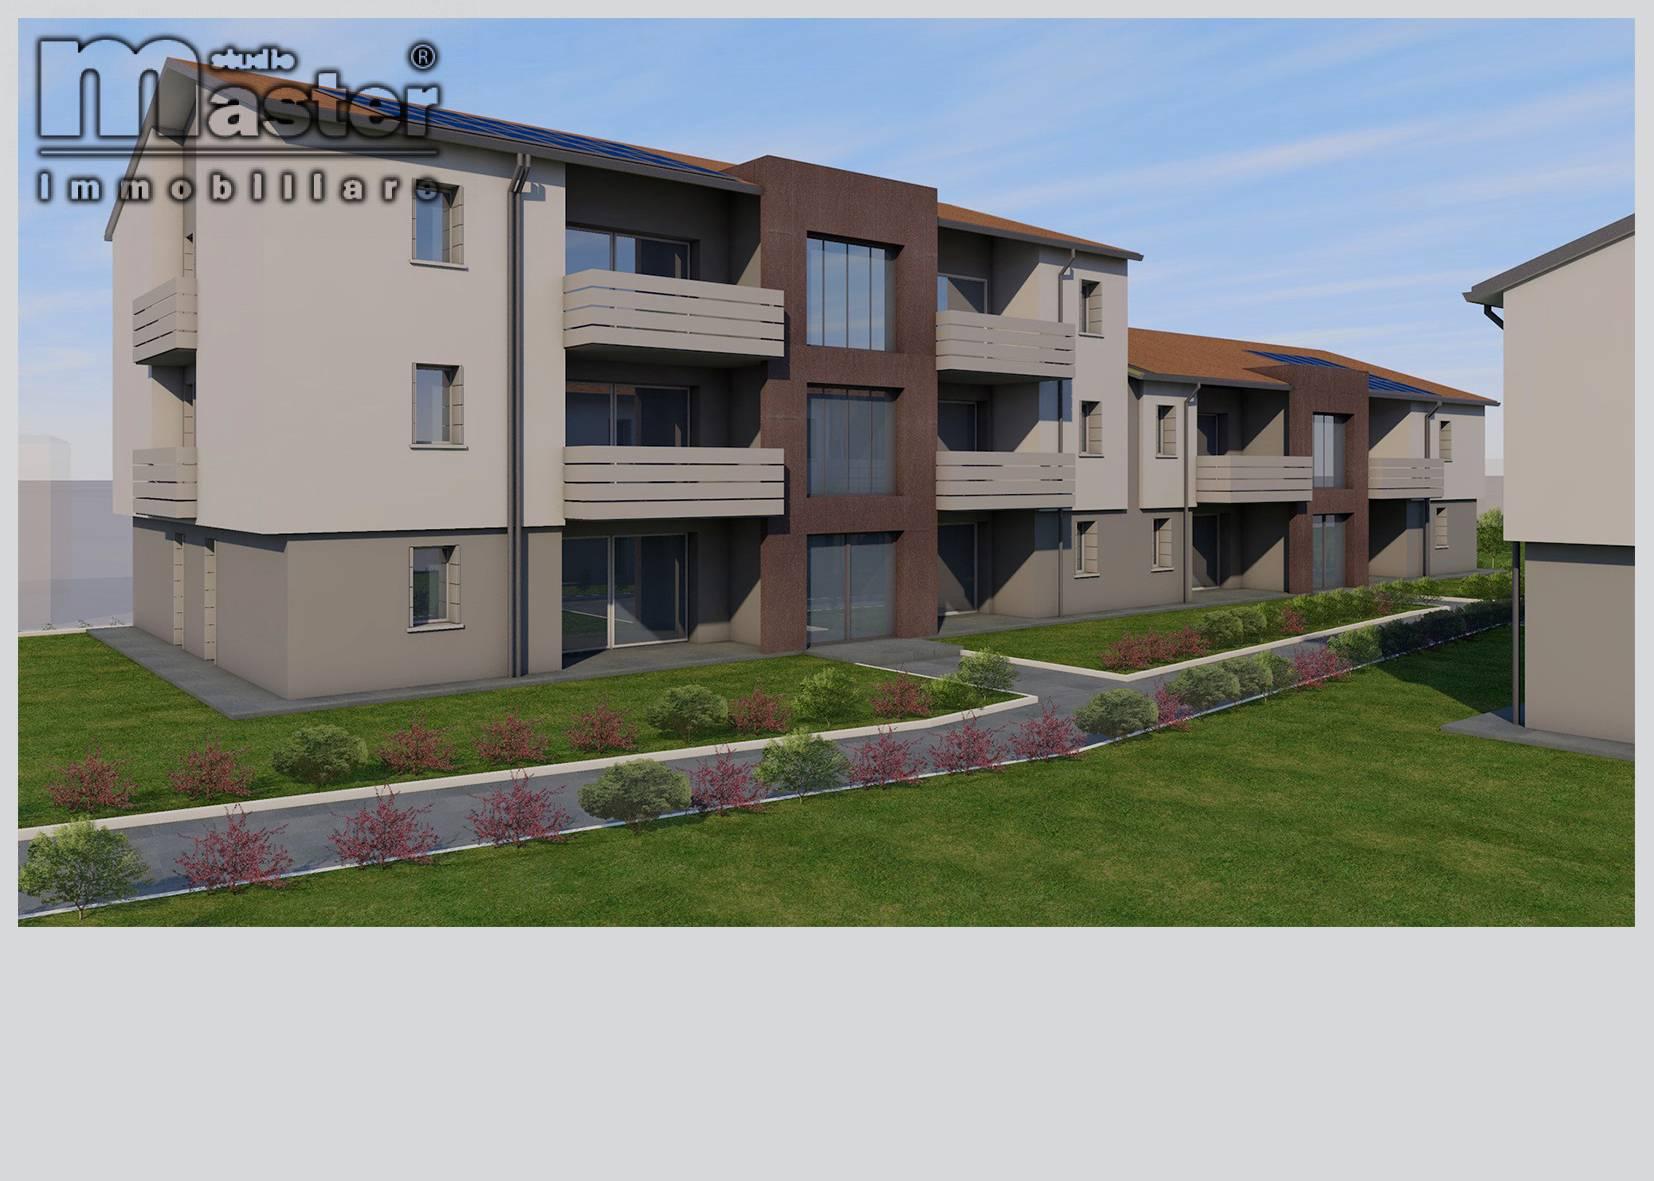 Appartamento in vendita a Treviso, 6 locali, zona Località: FuoriMuraOvest, prezzo € 340.000 | PortaleAgenzieImmobiliari.it